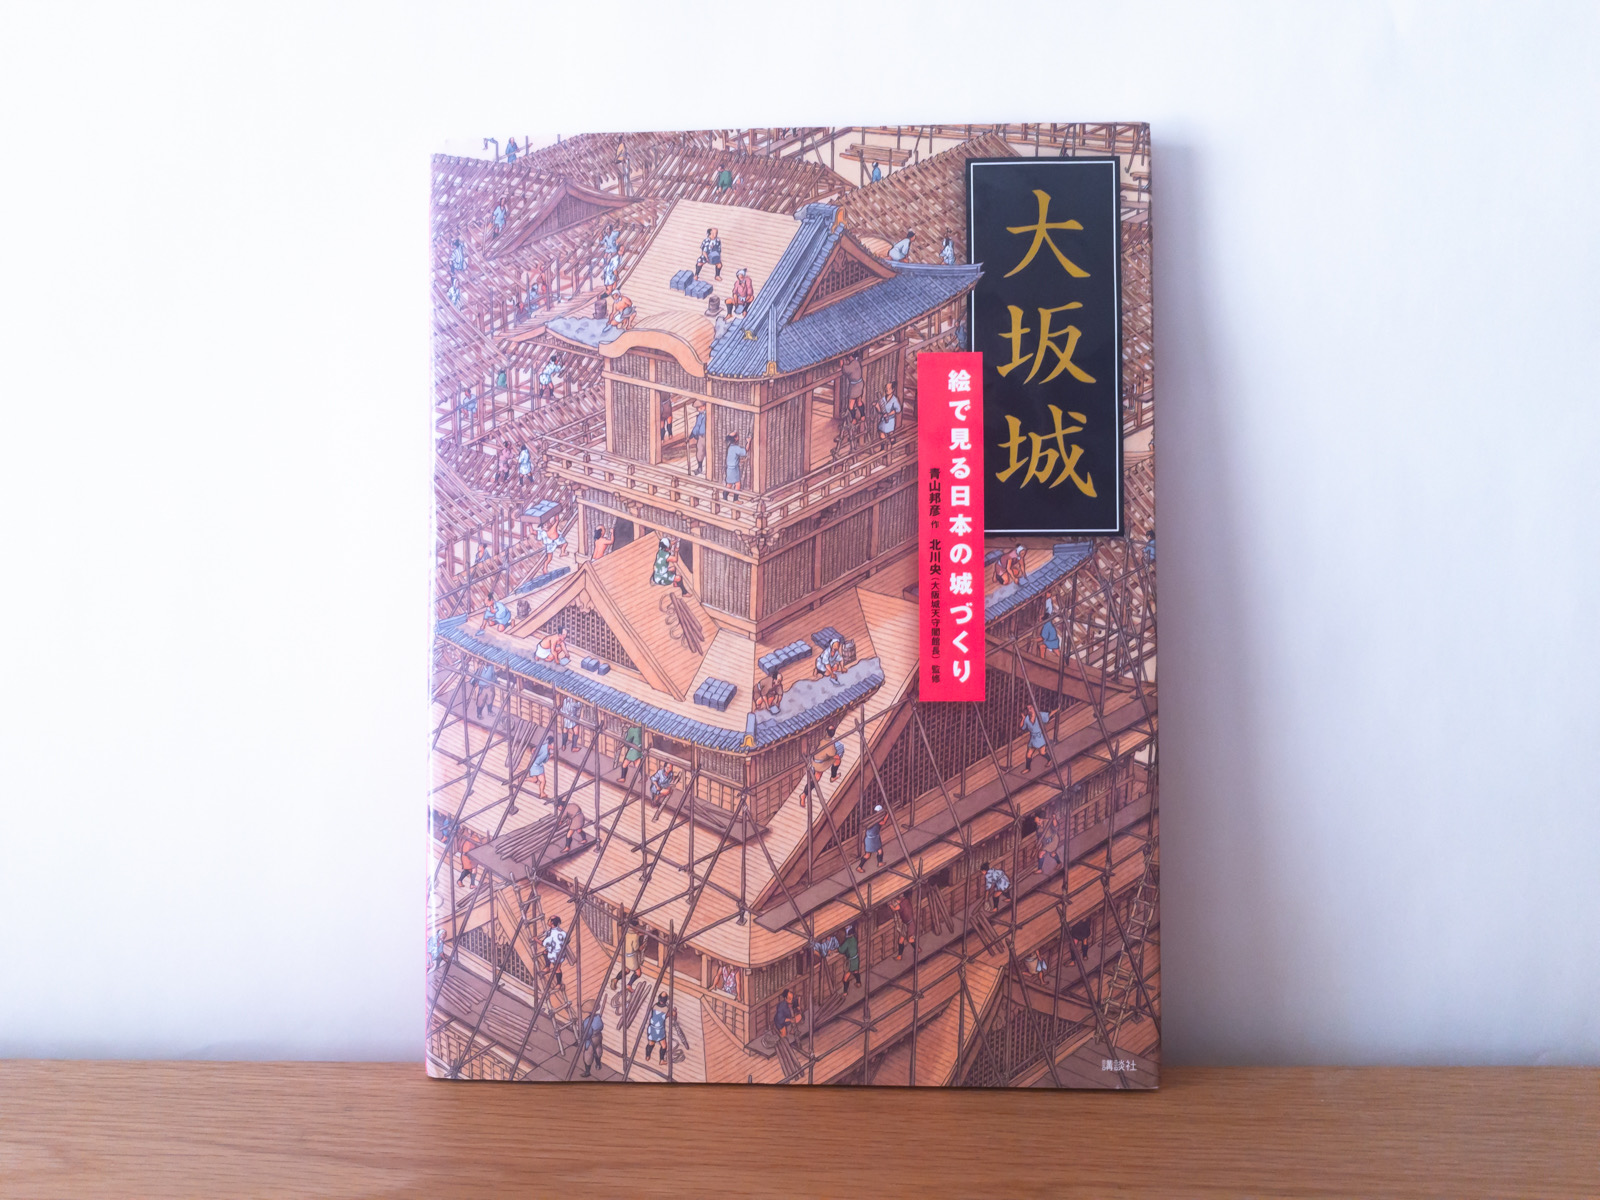 大坂城 絵で見る日本の城づくり Osakajyo